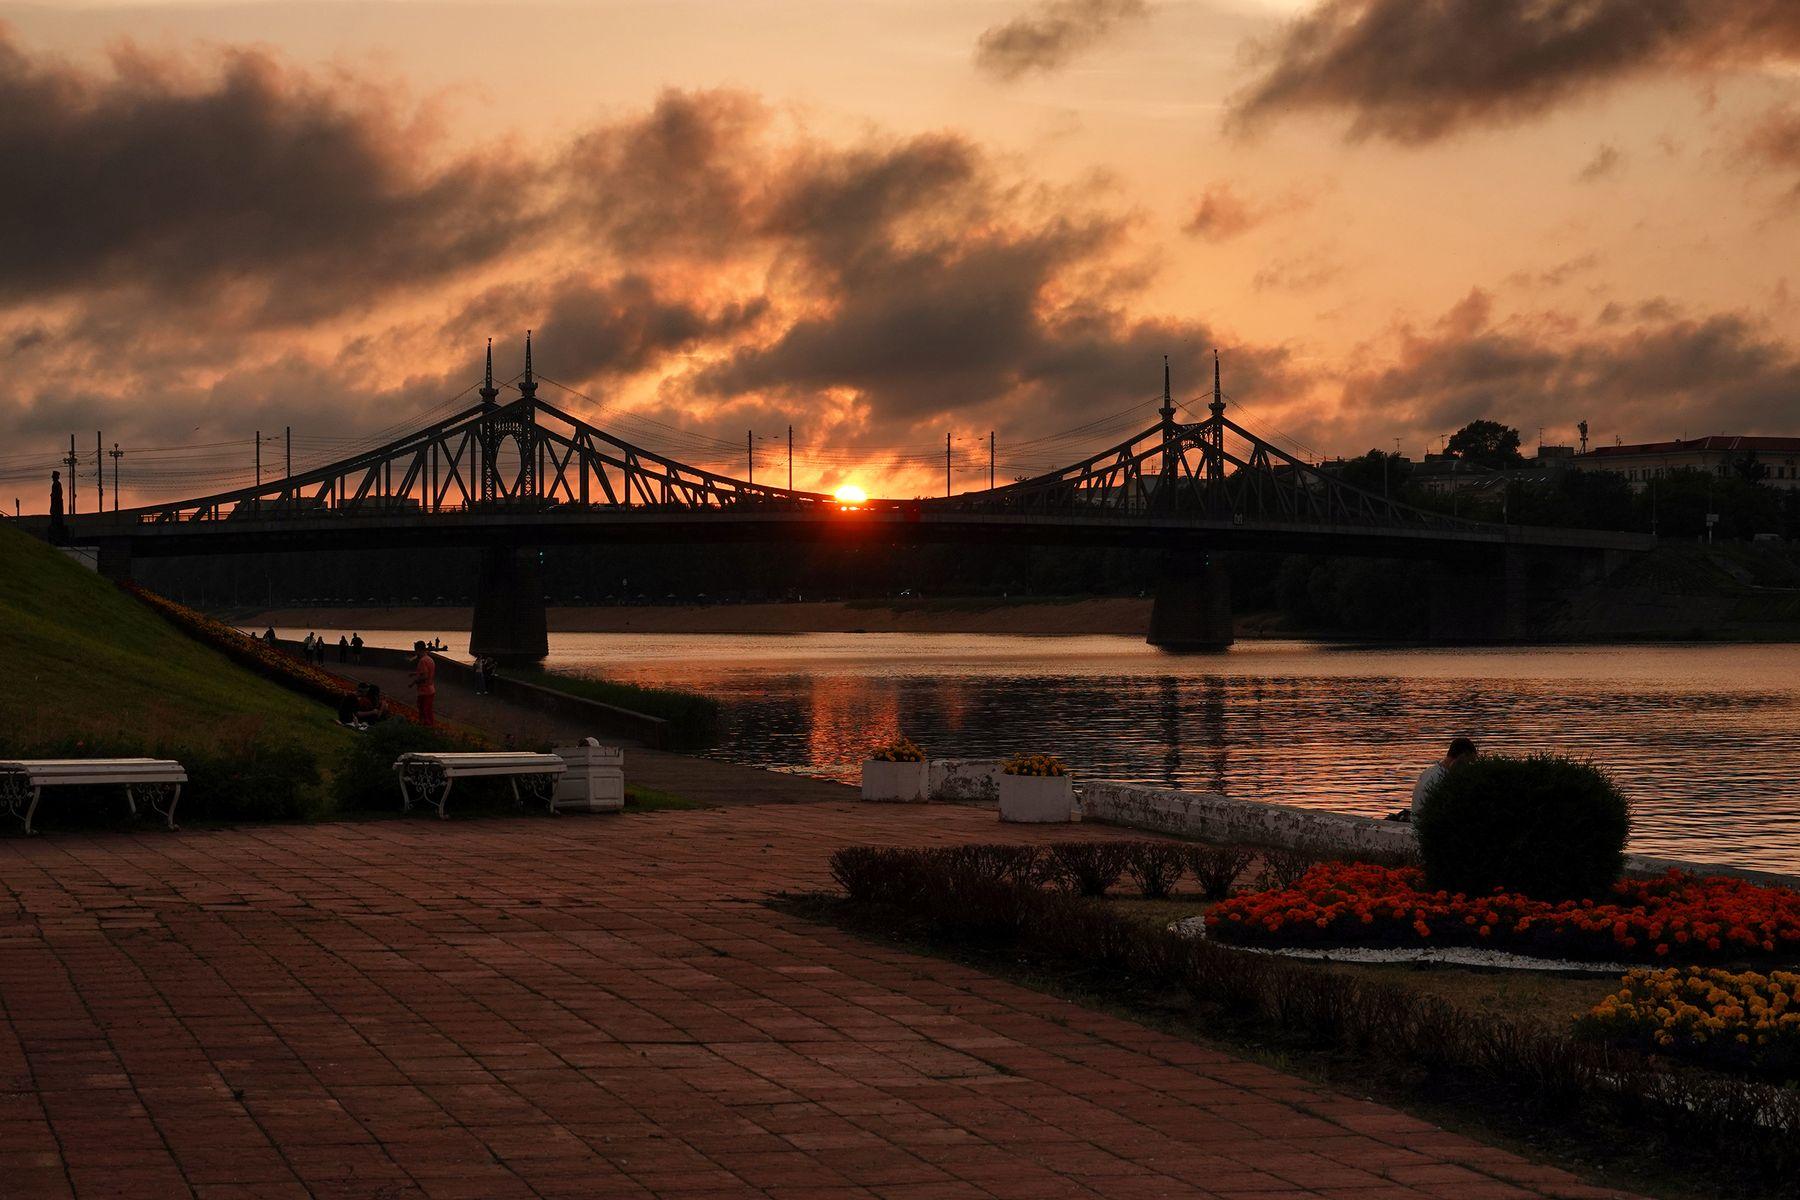 Милый мой город печали и слёз... антонмазаев antonmazaev тверь tver город закат пейзаж силуэт облака мост река волга